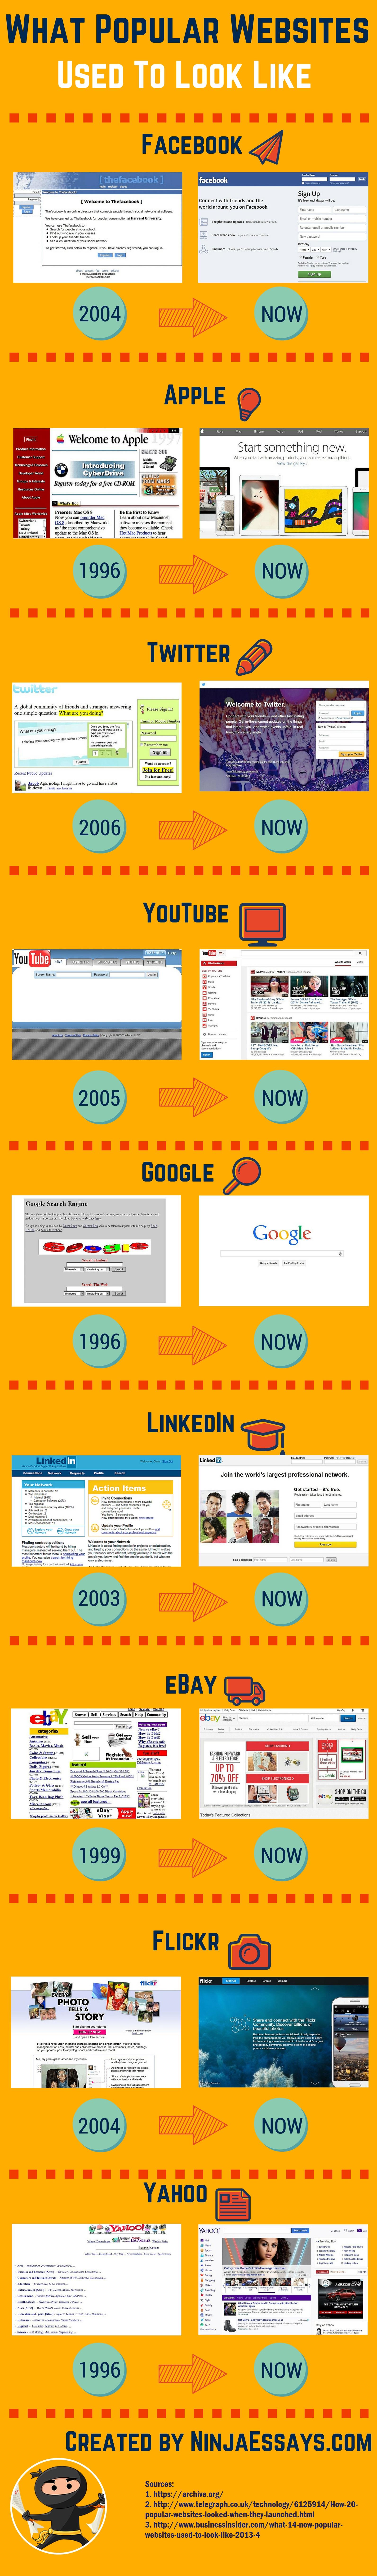 bekende websites toen en nu infographic